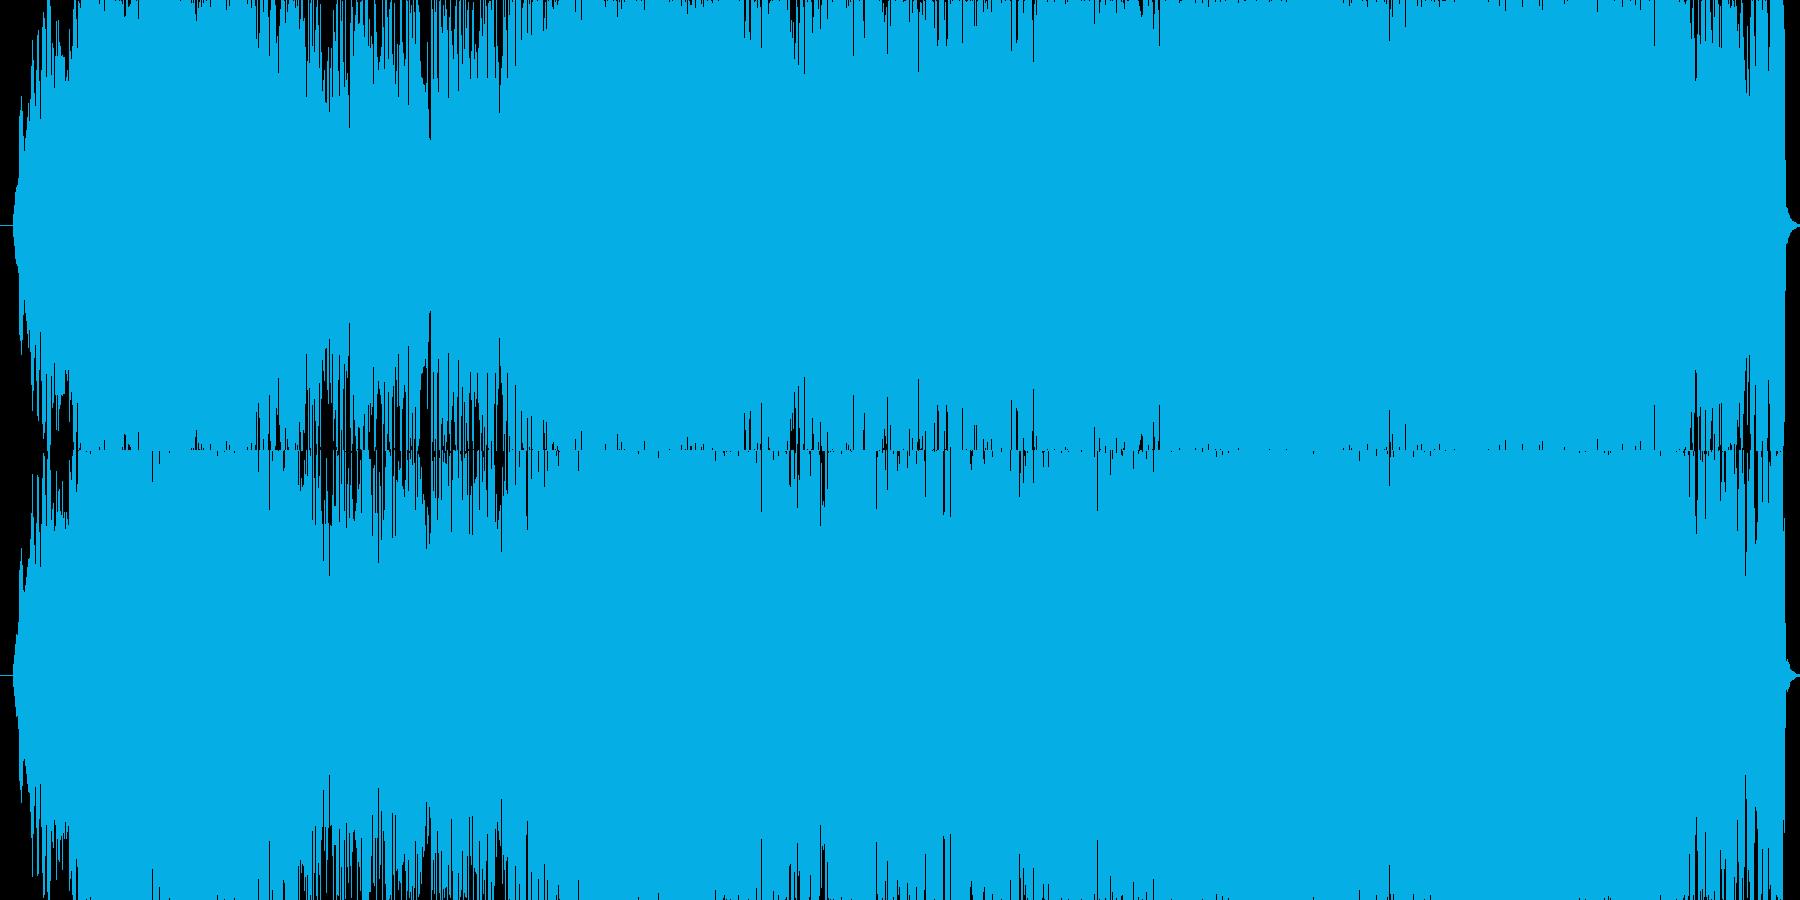 ダークなプログレビートです。の再生済みの波形